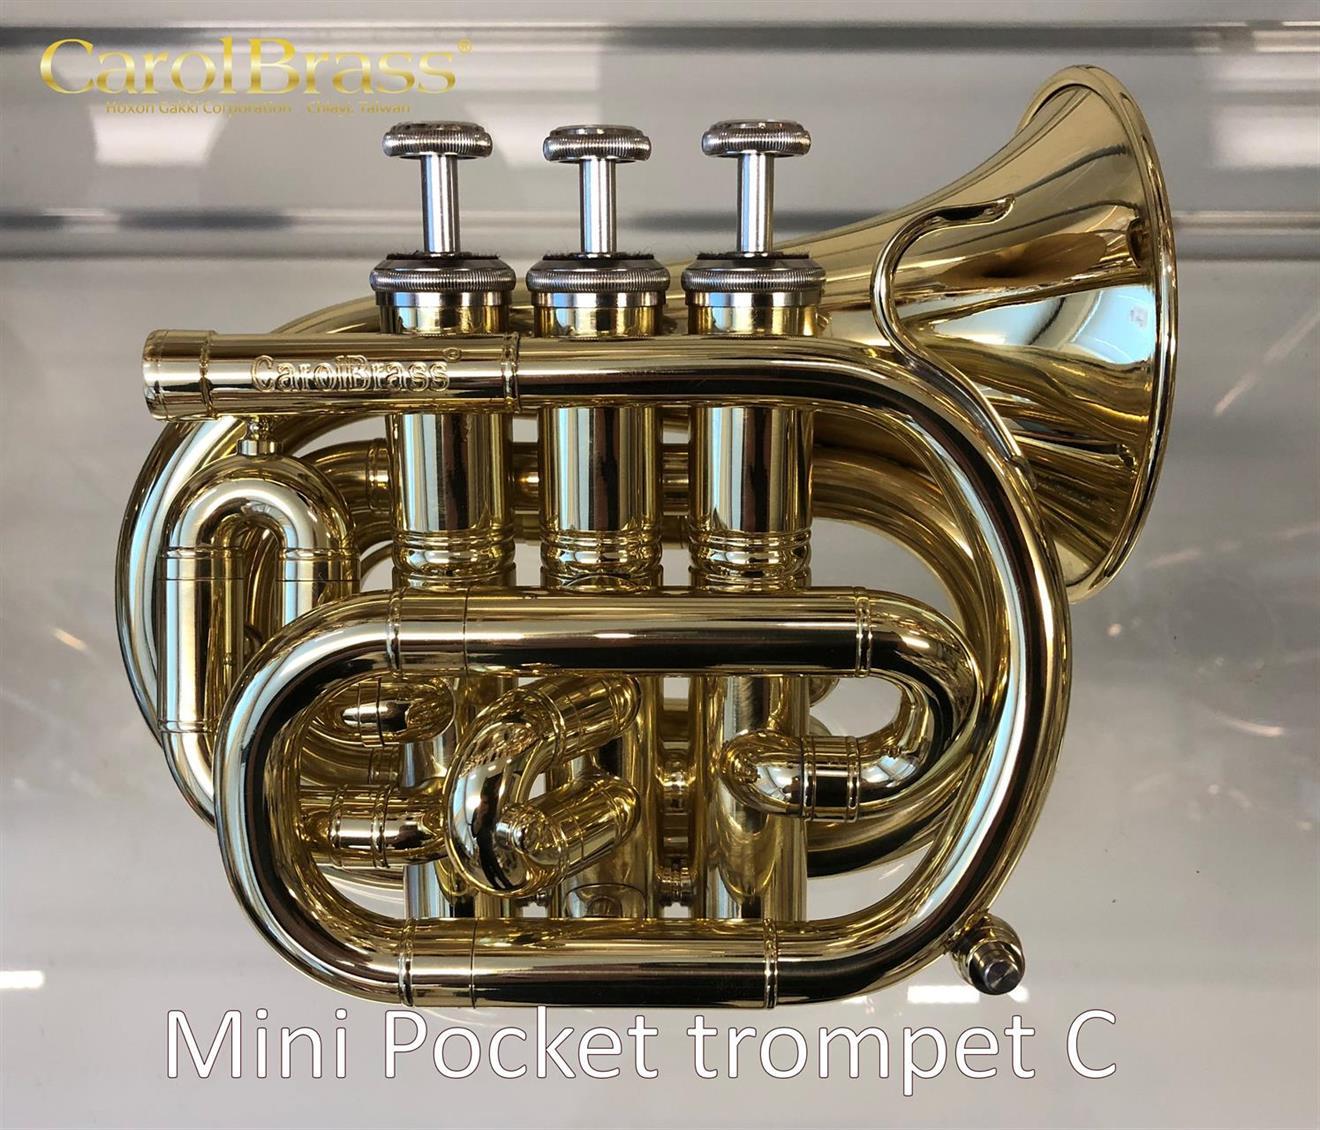 CarolBrass mini pocket trompet C